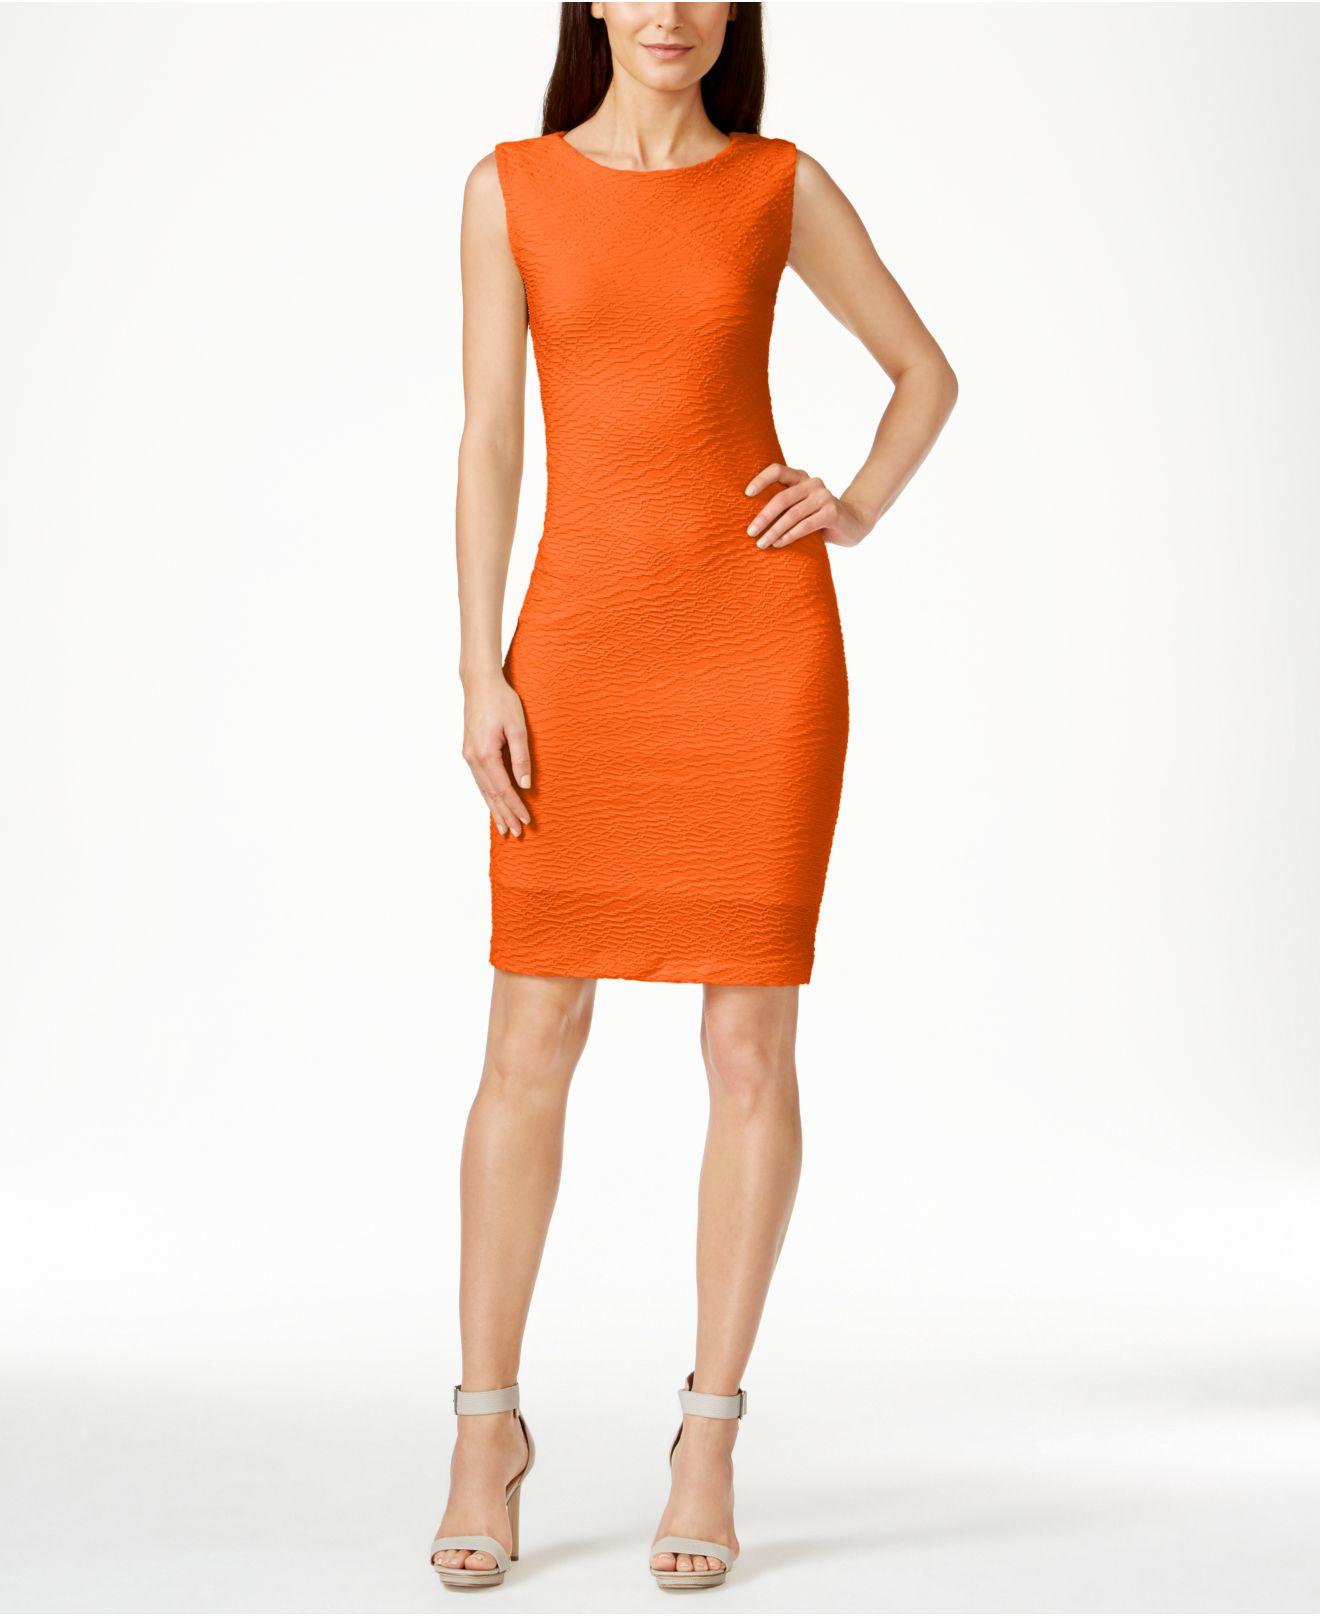 13594bb7 Calvin Klein Textured Sheath Dress in Orange - Lyst